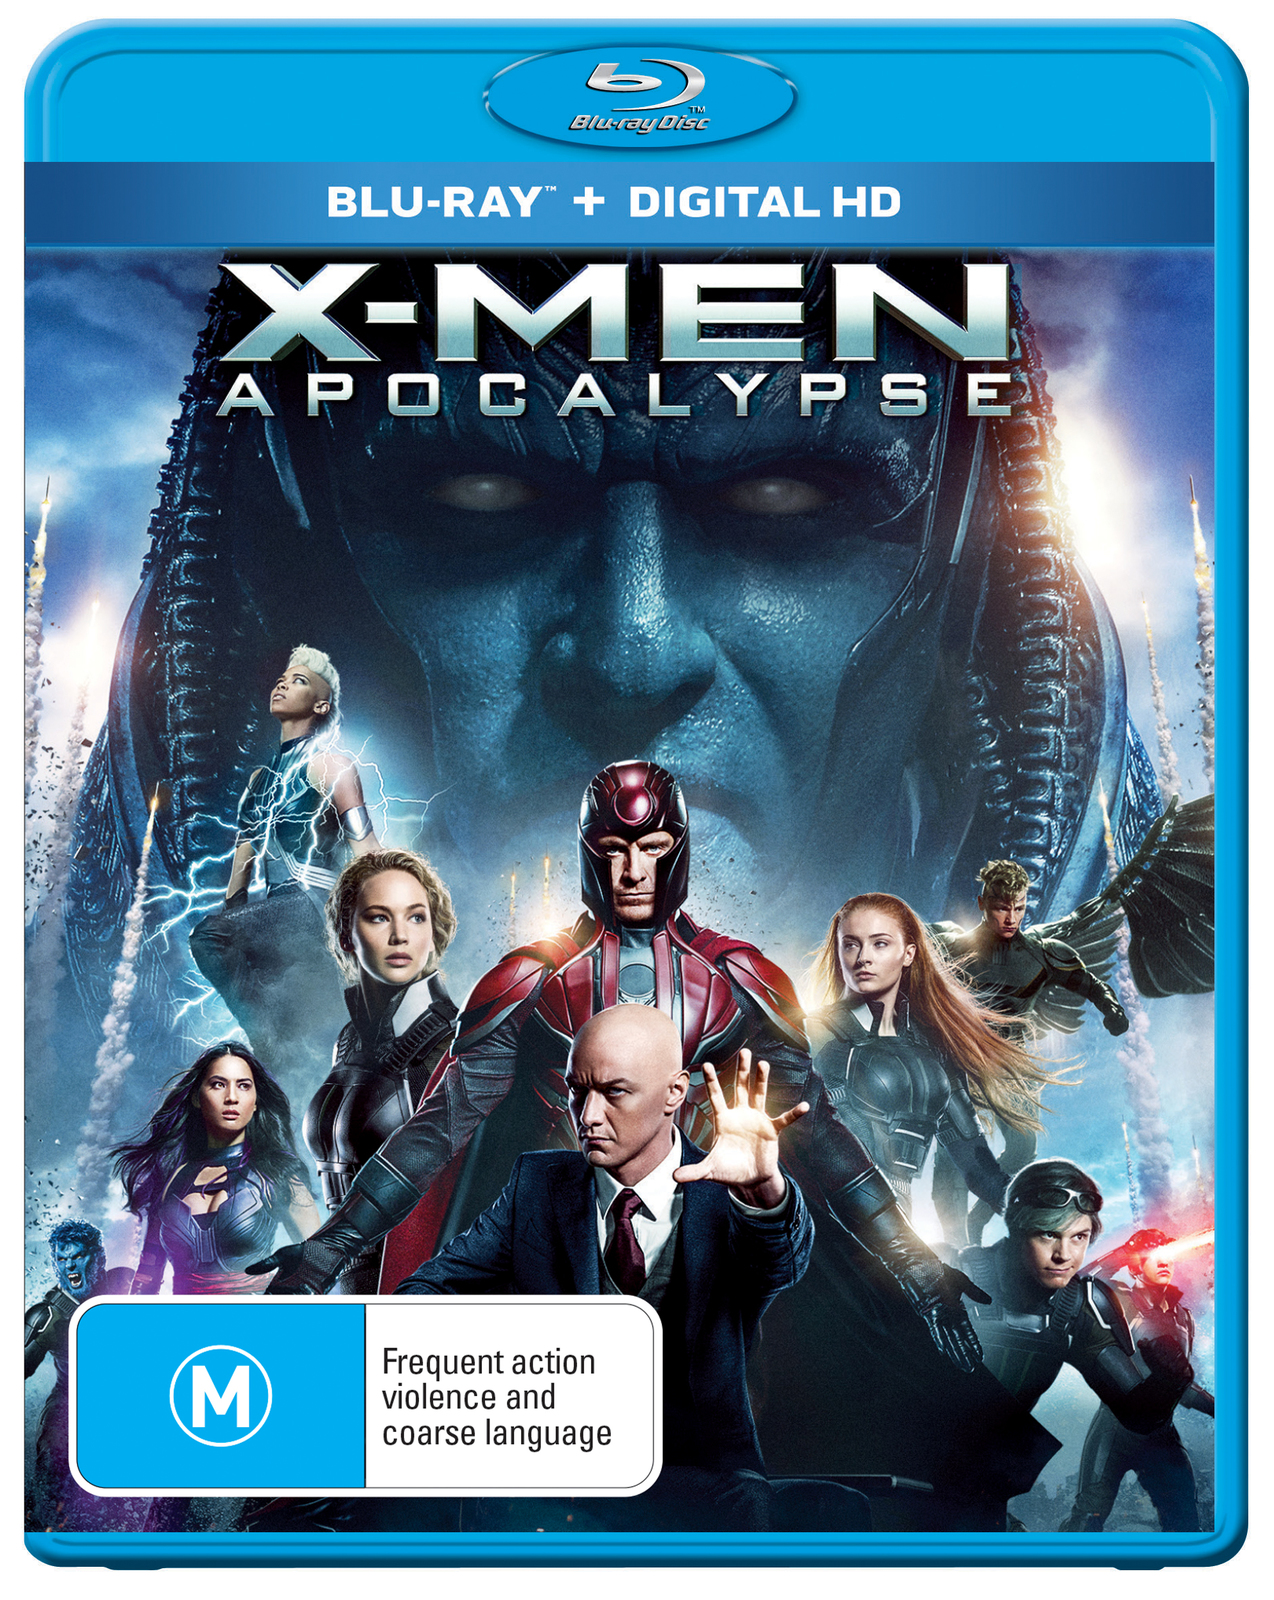 X-Men Apocalypse image